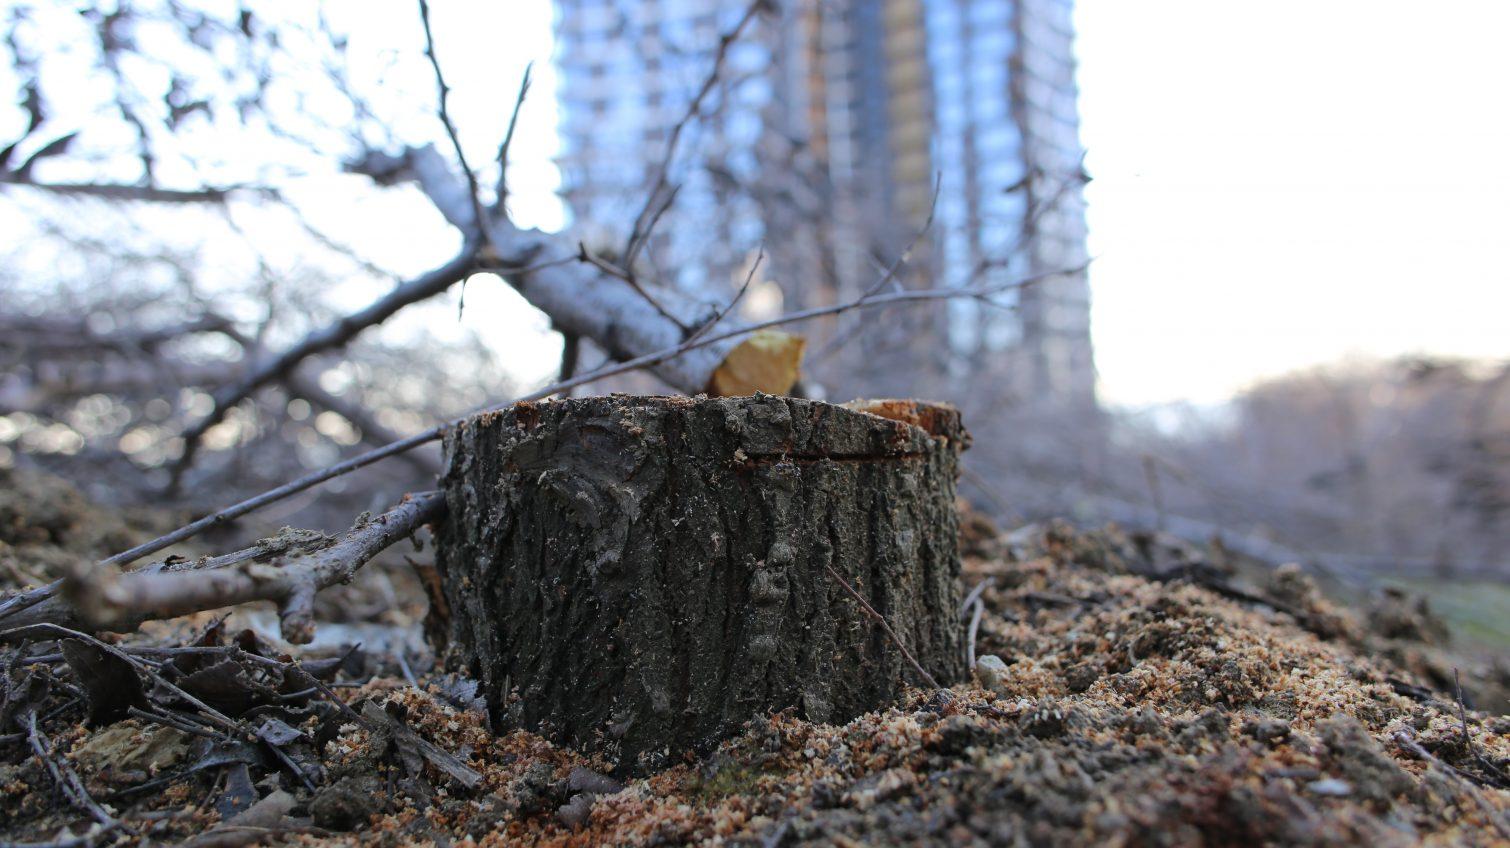 Экоинпекция проверила «экоцид» на Трассе здоровья: пострадало 336 деревьев (фото, видео) «фото»